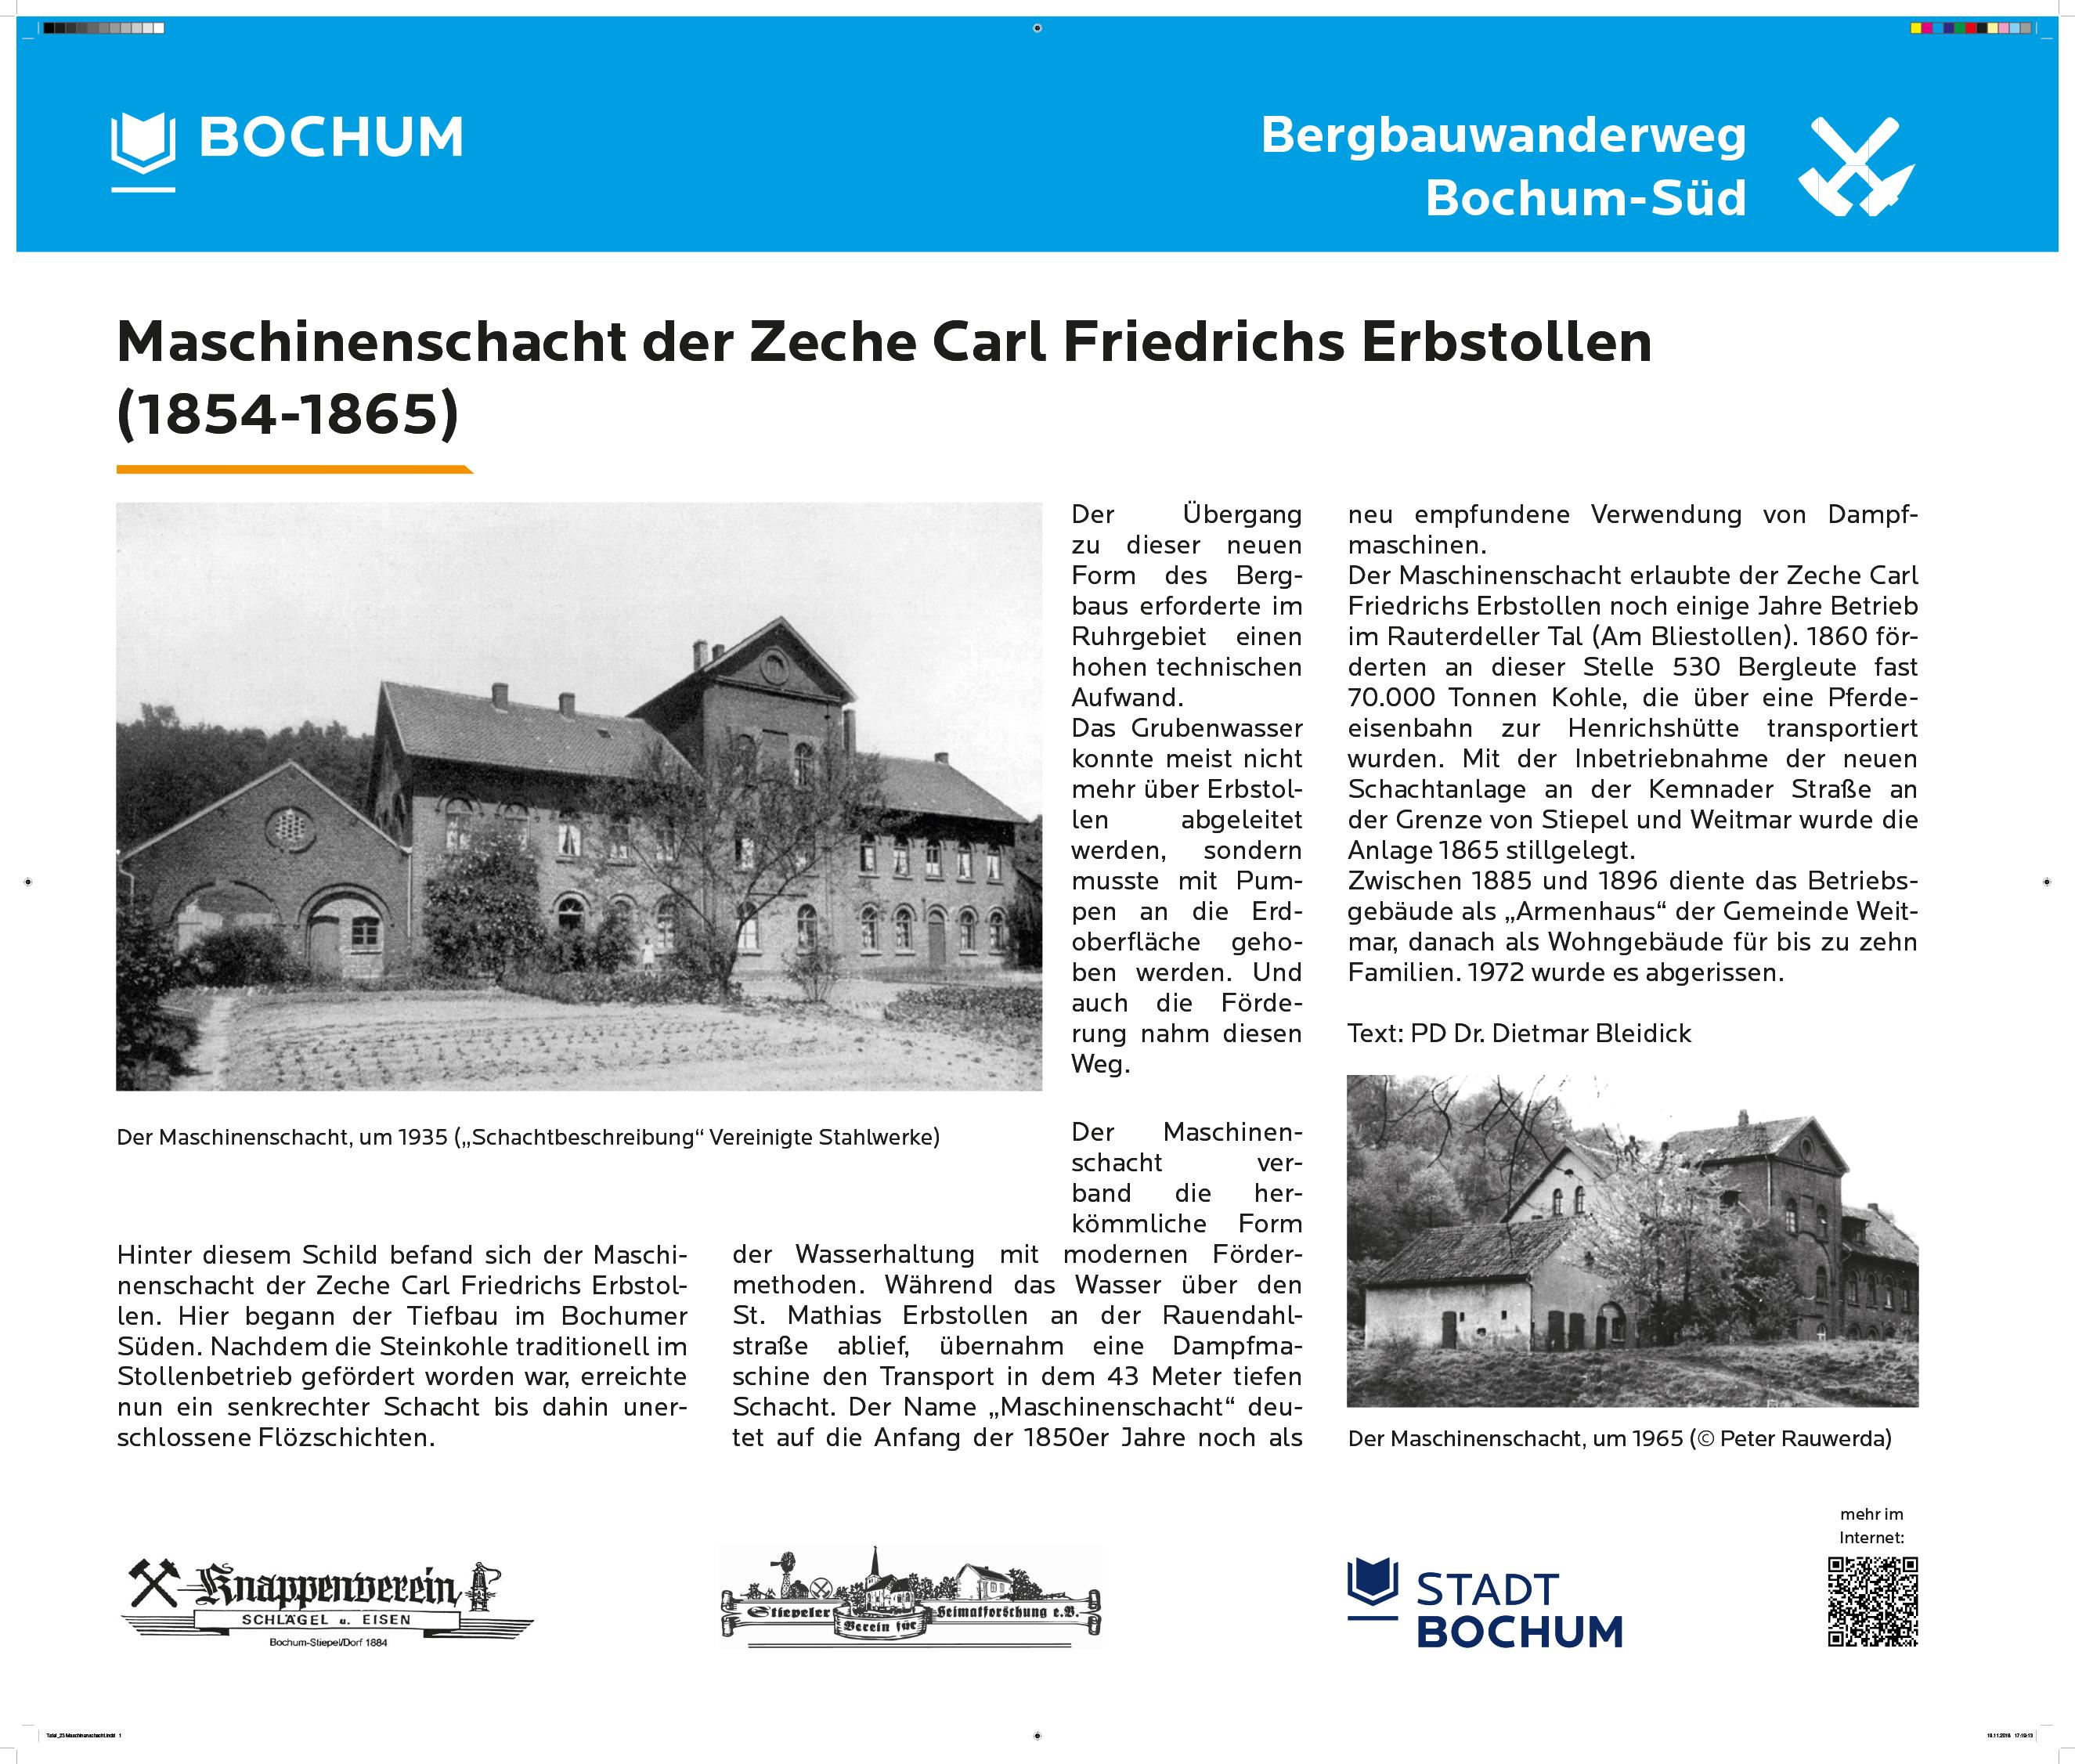 Maschinenschacht Carl Friedrich Erbstollen